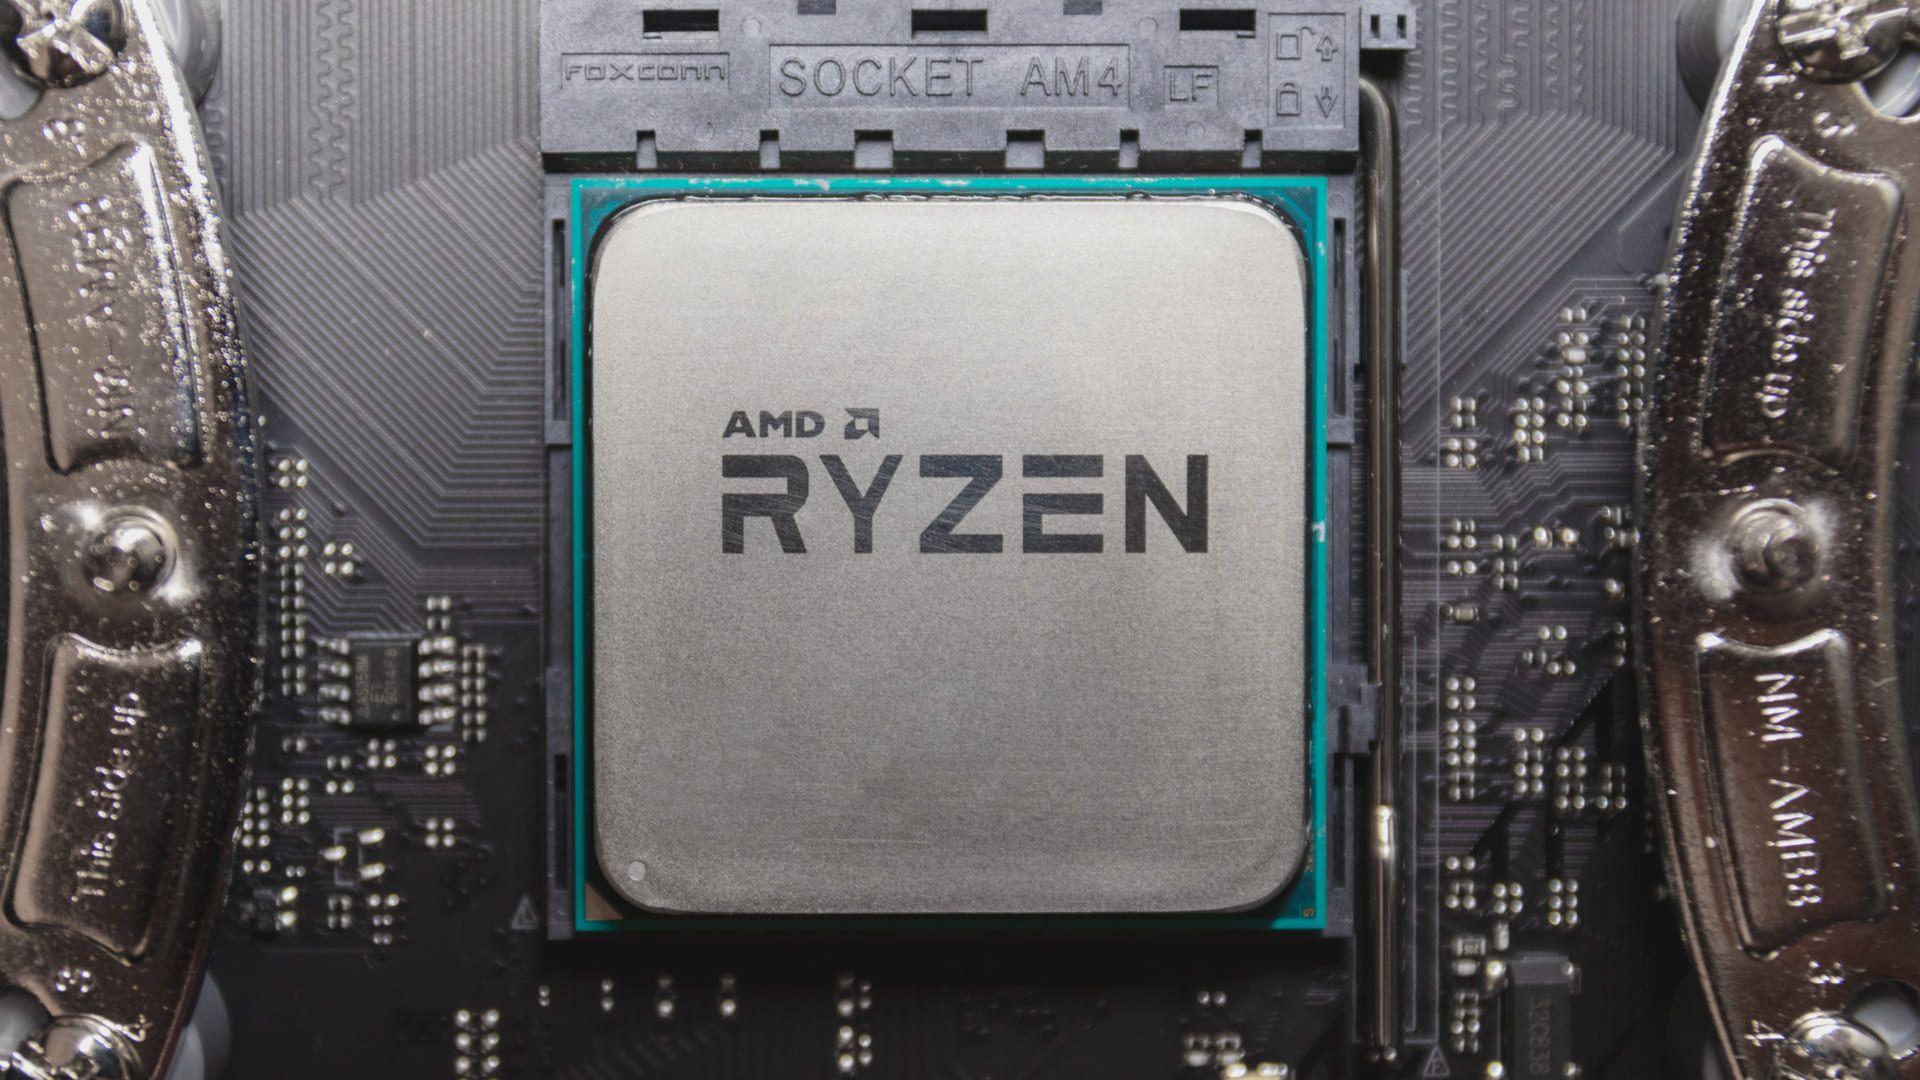 Processador AMD Ryzen fixado à parte interna do computador